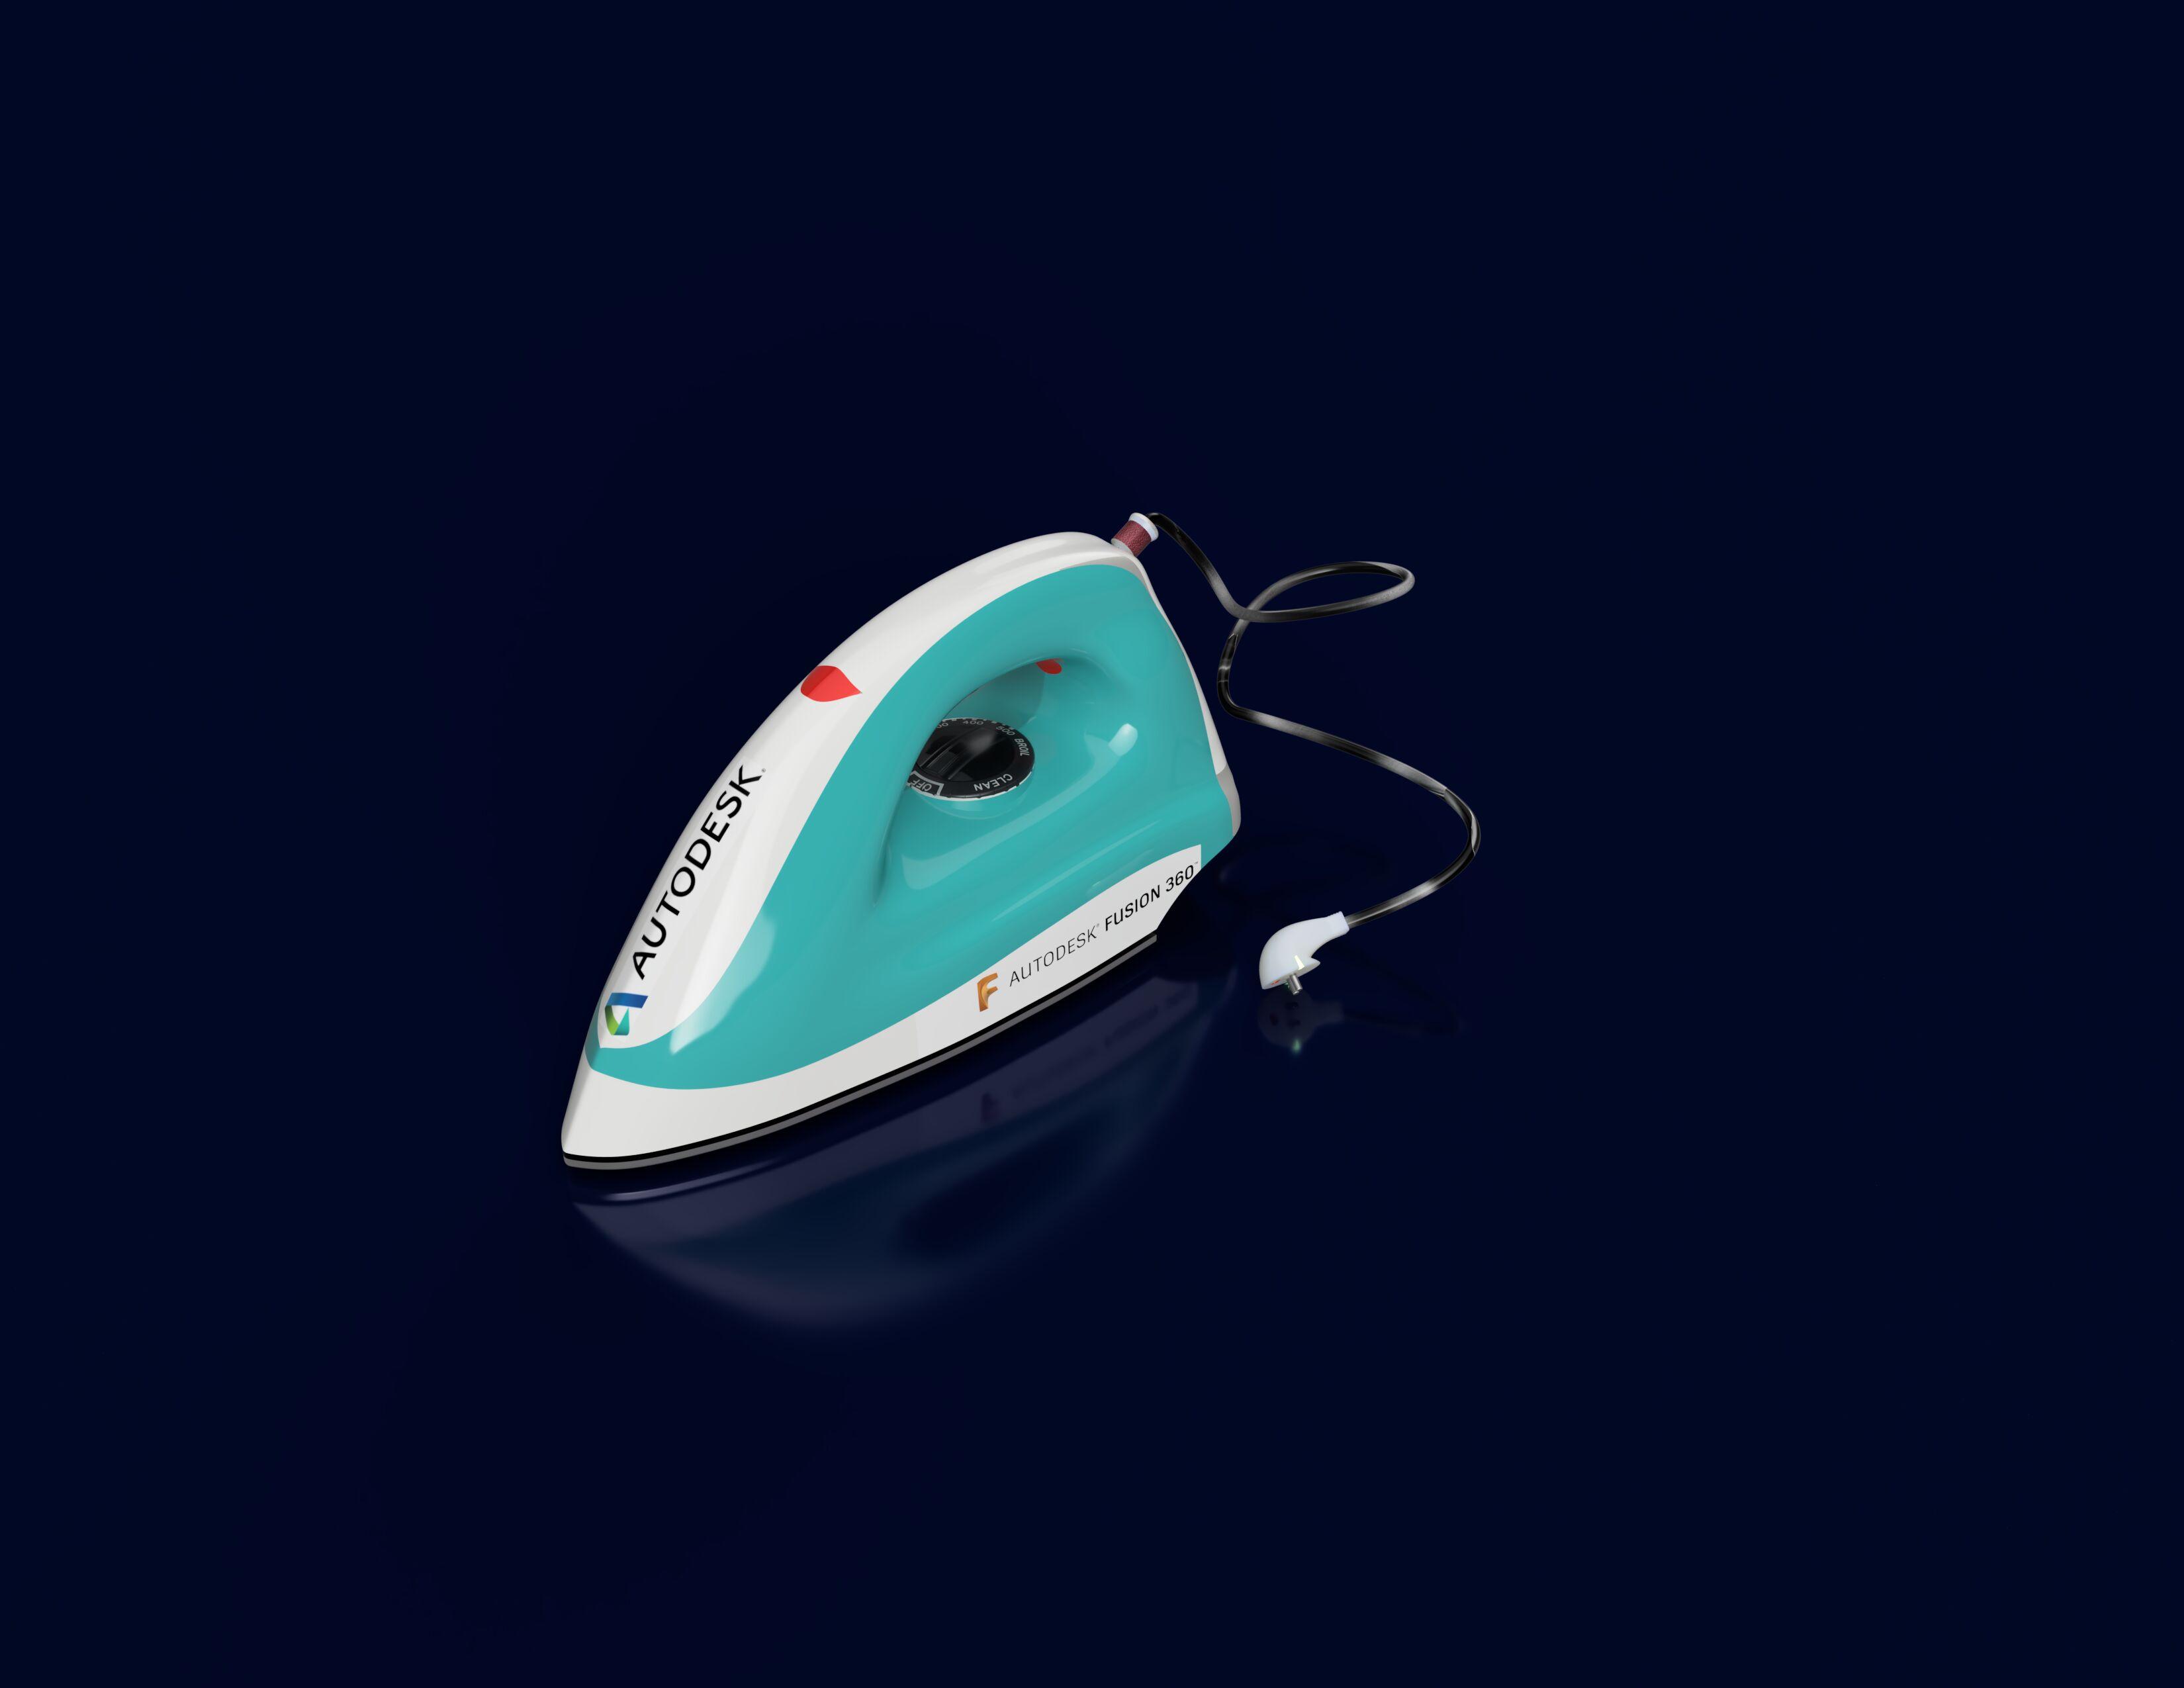 Iron-2020-jun-21-07-02-04am-000-customizedview4503331728-png-3500-3500